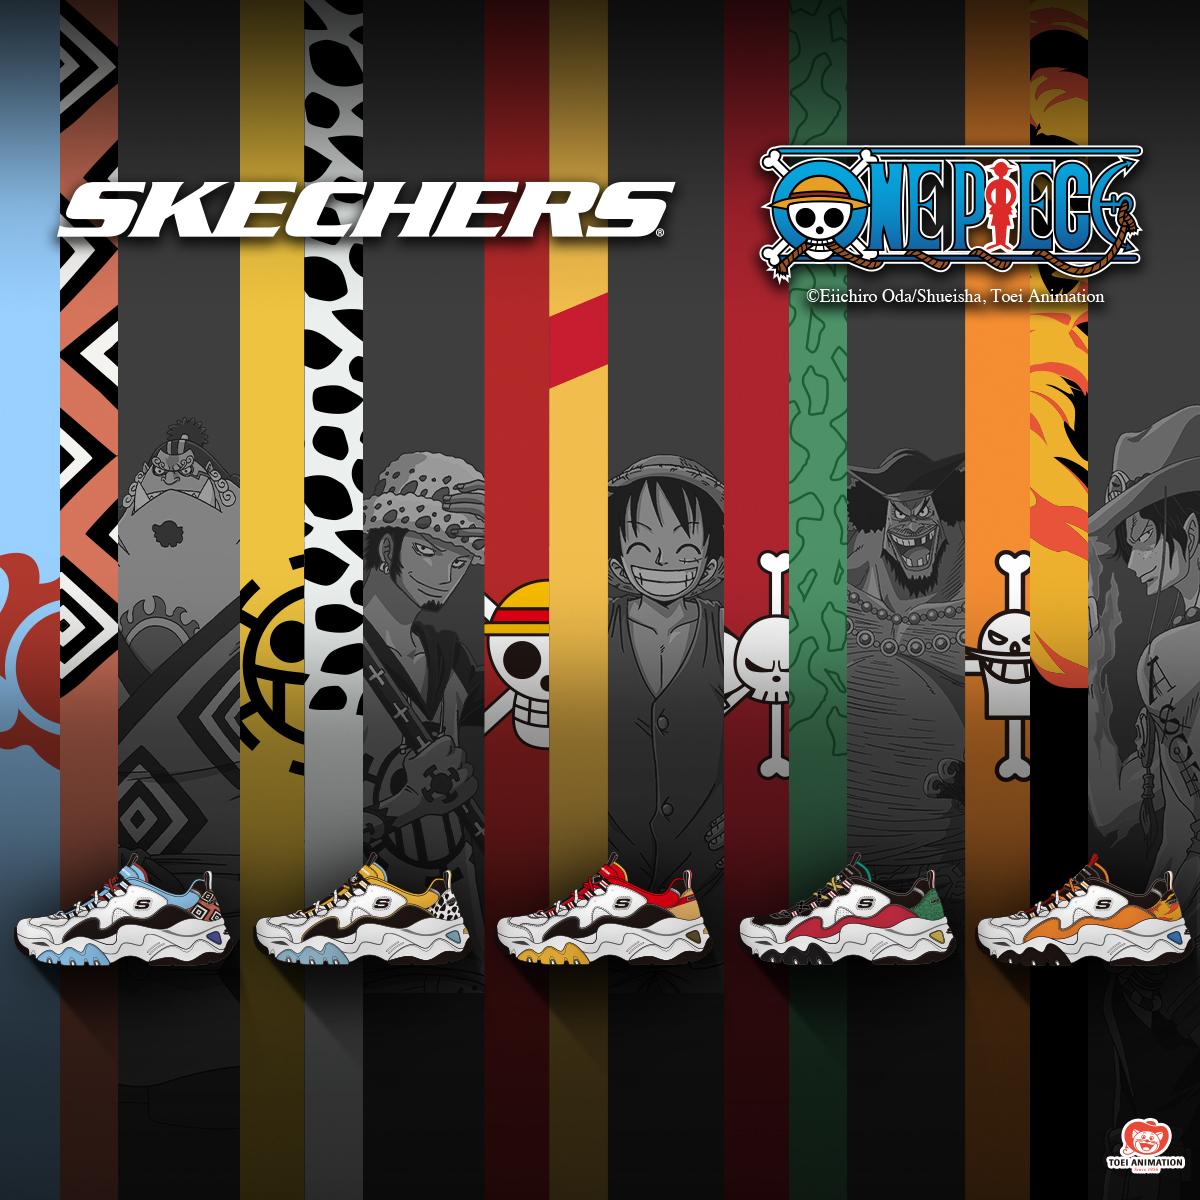 Skecher Dlite x One Piece Collection